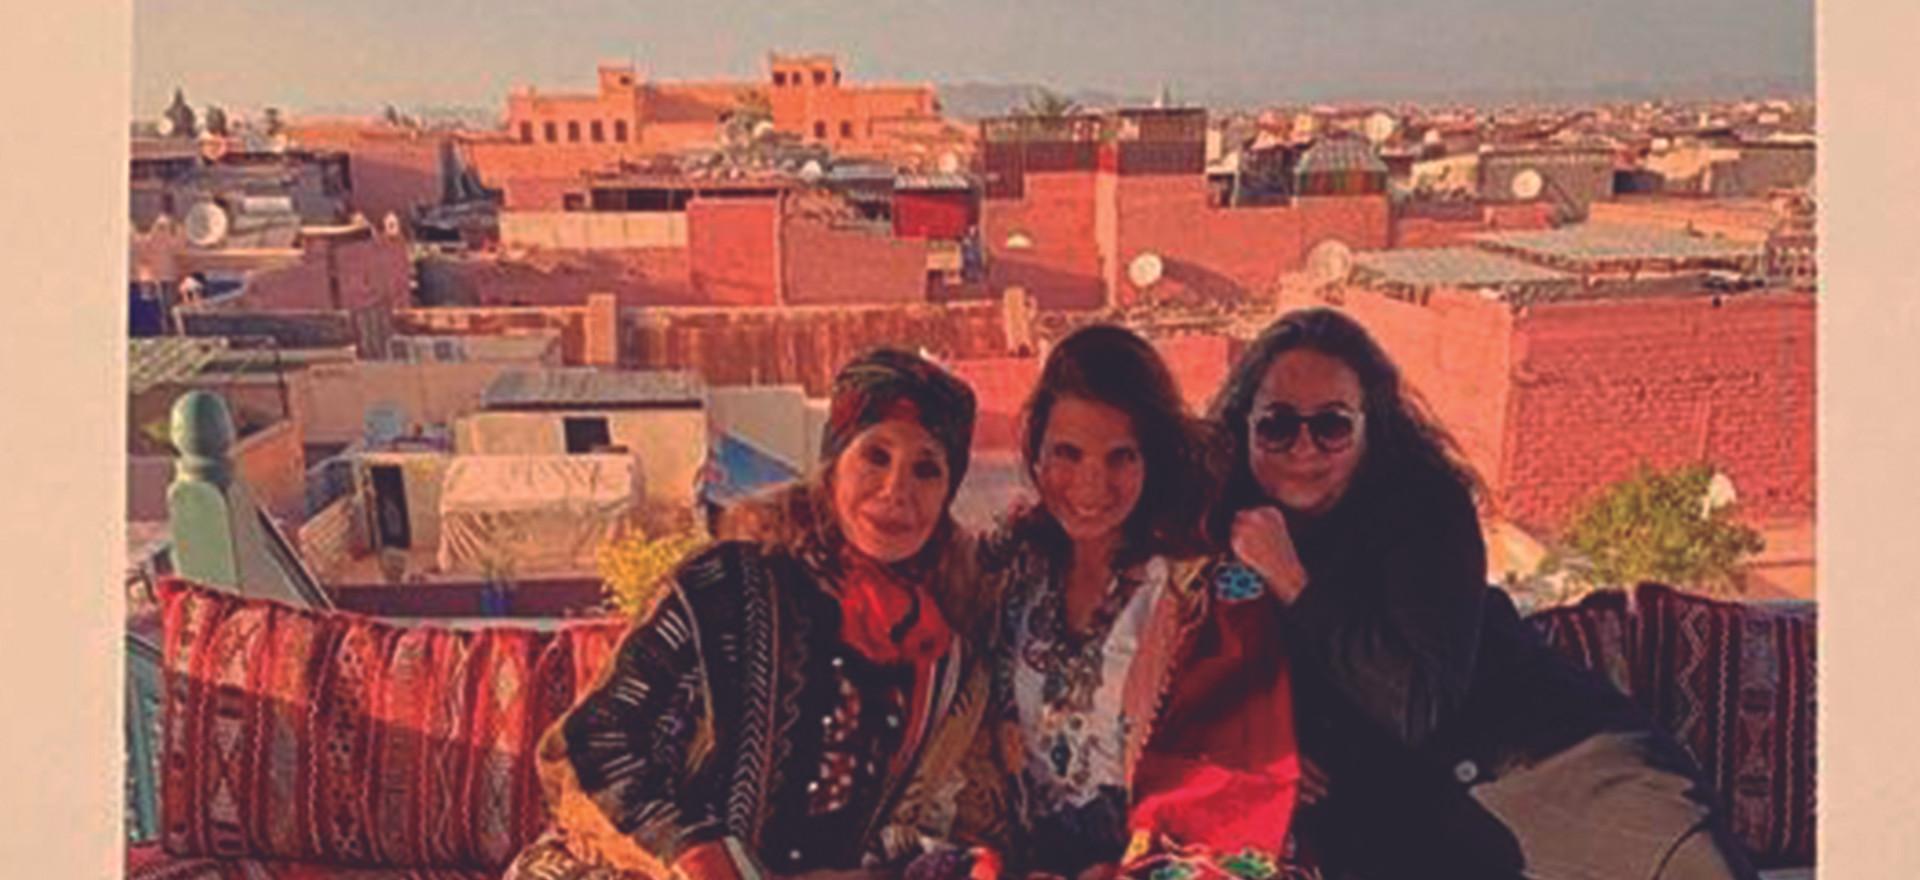 Marisa Berenson, Adriana Bittencourt e Stephane da Pergula do RIAD NOUR.